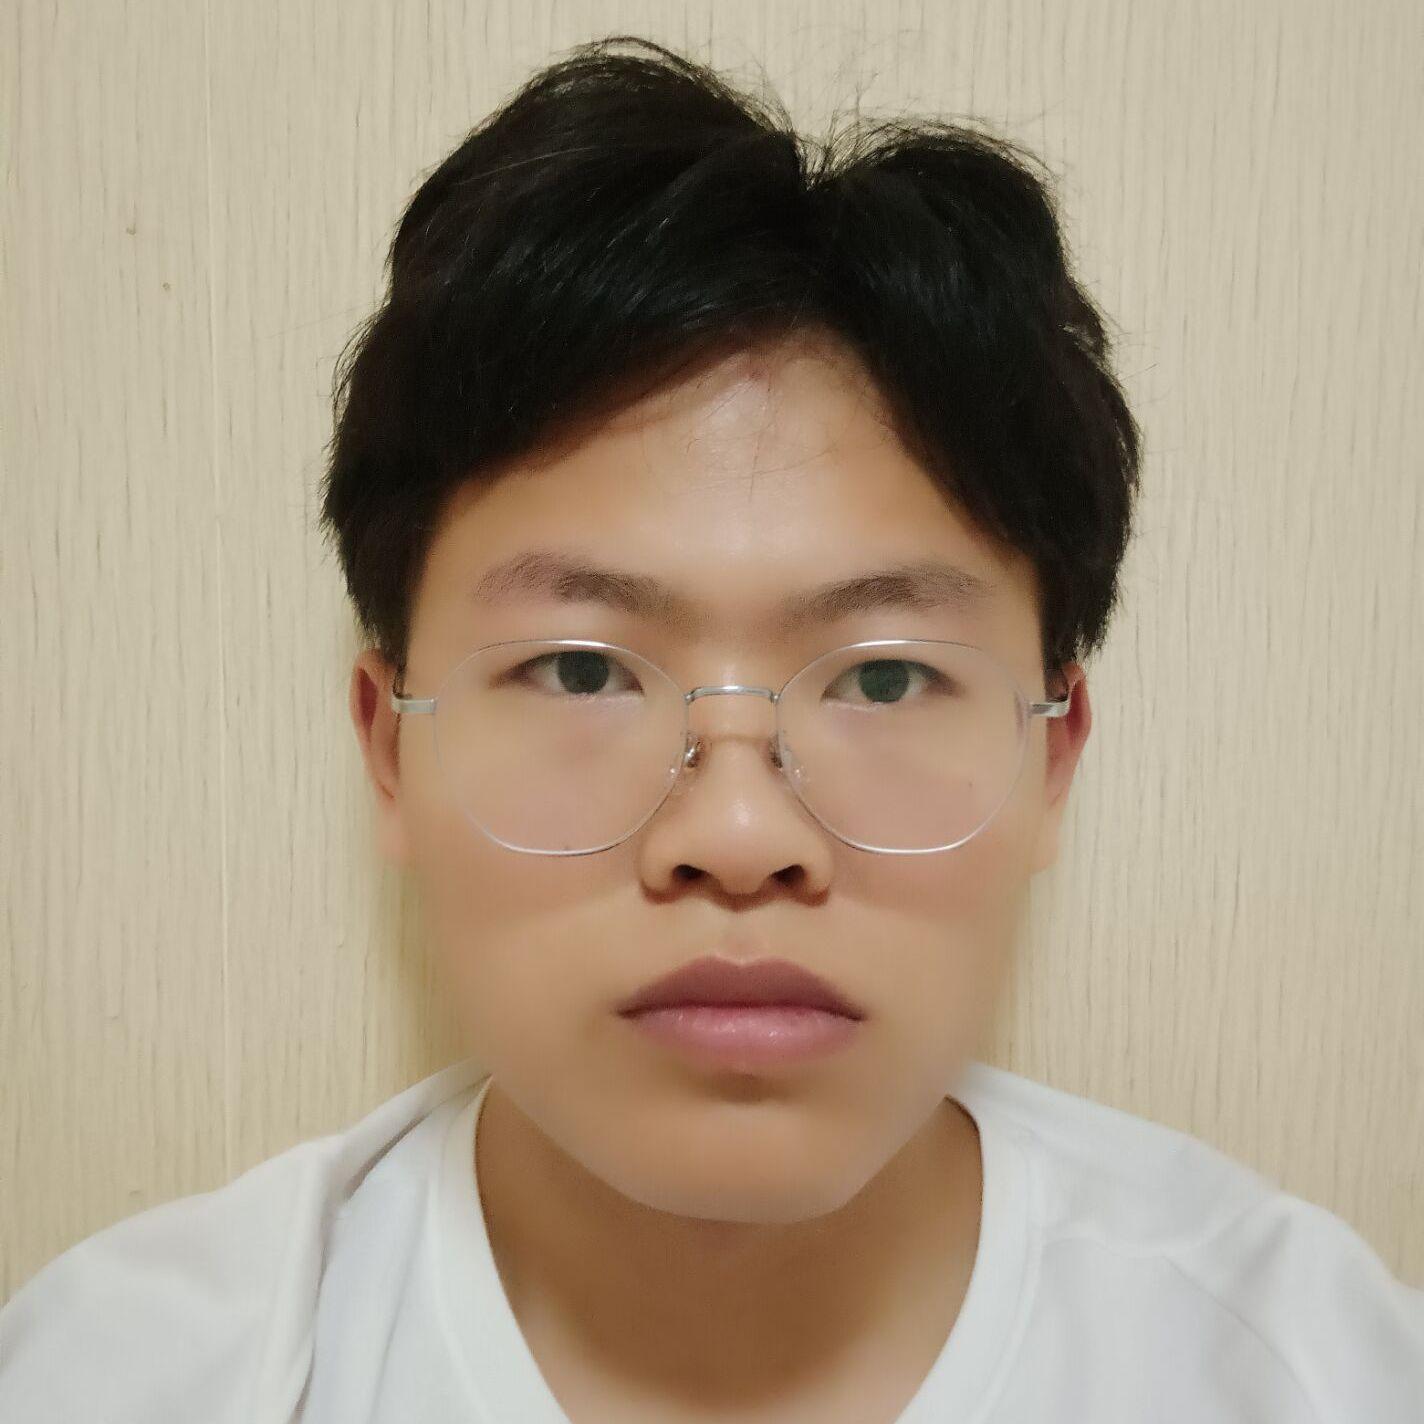 哈尔滨家教刘教员